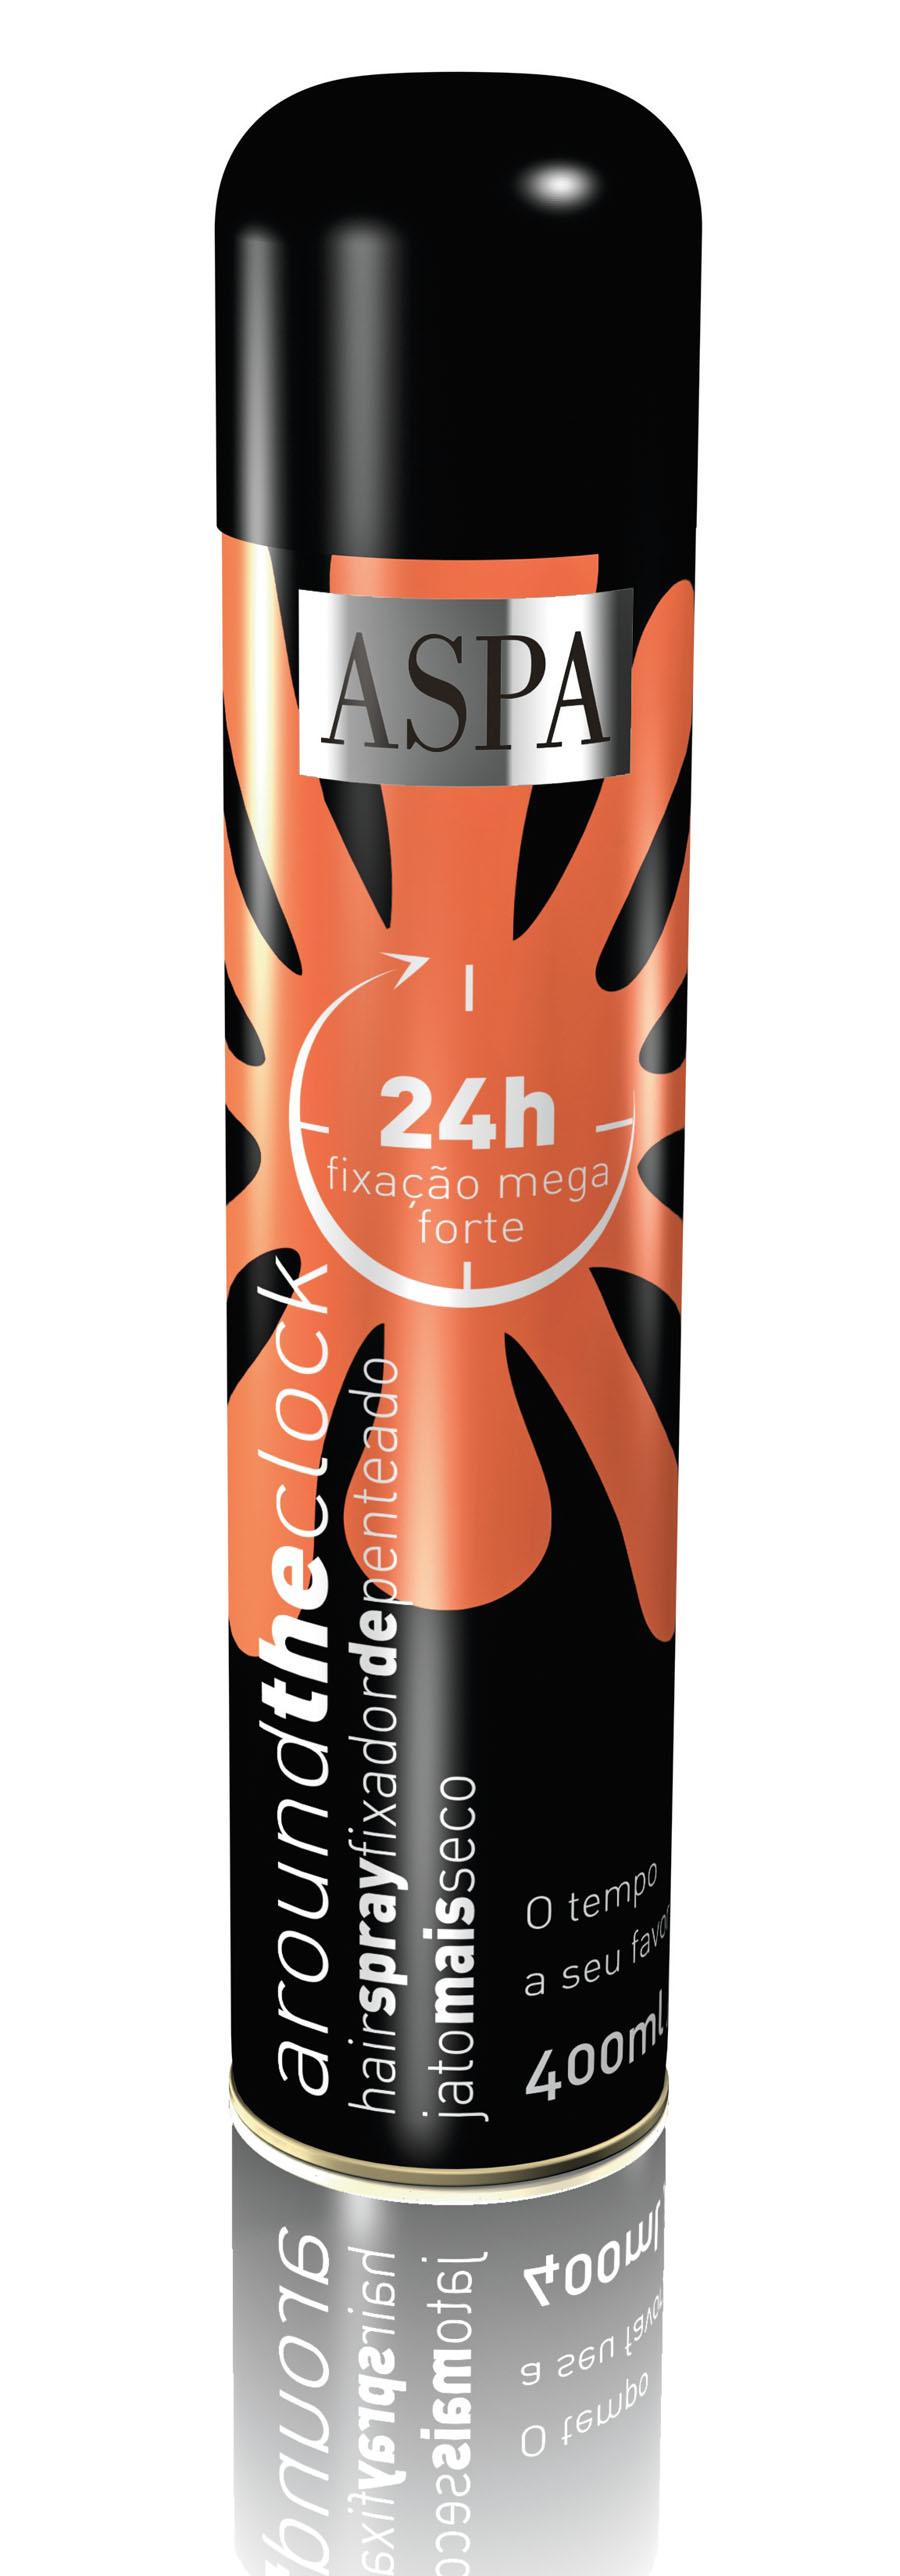 10- Aspa 24h Fixação Mega Forte Hair spray, R$ 22: efeito duradouro. Garante a modelação por mais tempo, mesmo em ambientes de alta umidade. Aspa Cosméticos 0800-0261841